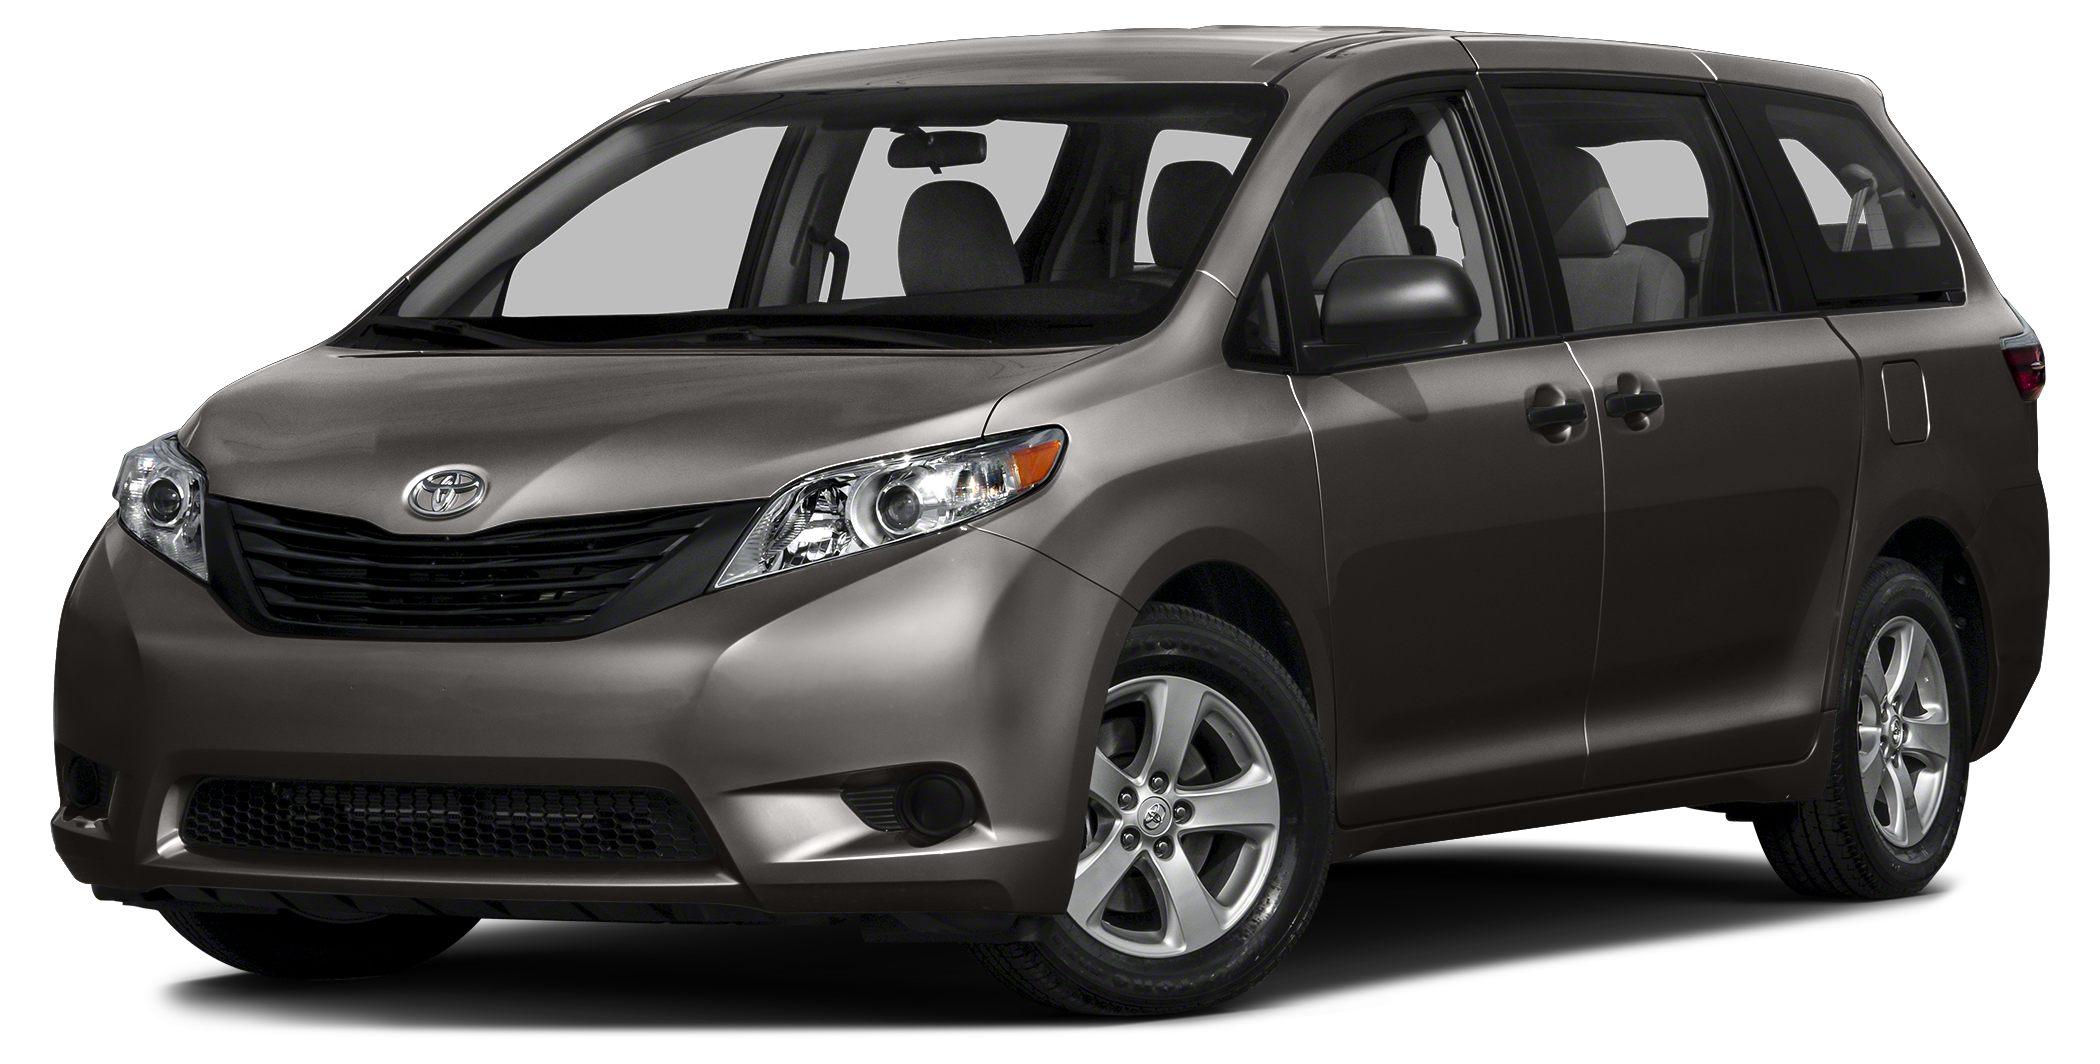 Honda Odyssey Vs Toyota Sienna 2017 >> RAM ProMaster City Cargo Van ST vs Chevrolet City Express 1LS vs Ford Transit Connect XL vs ...